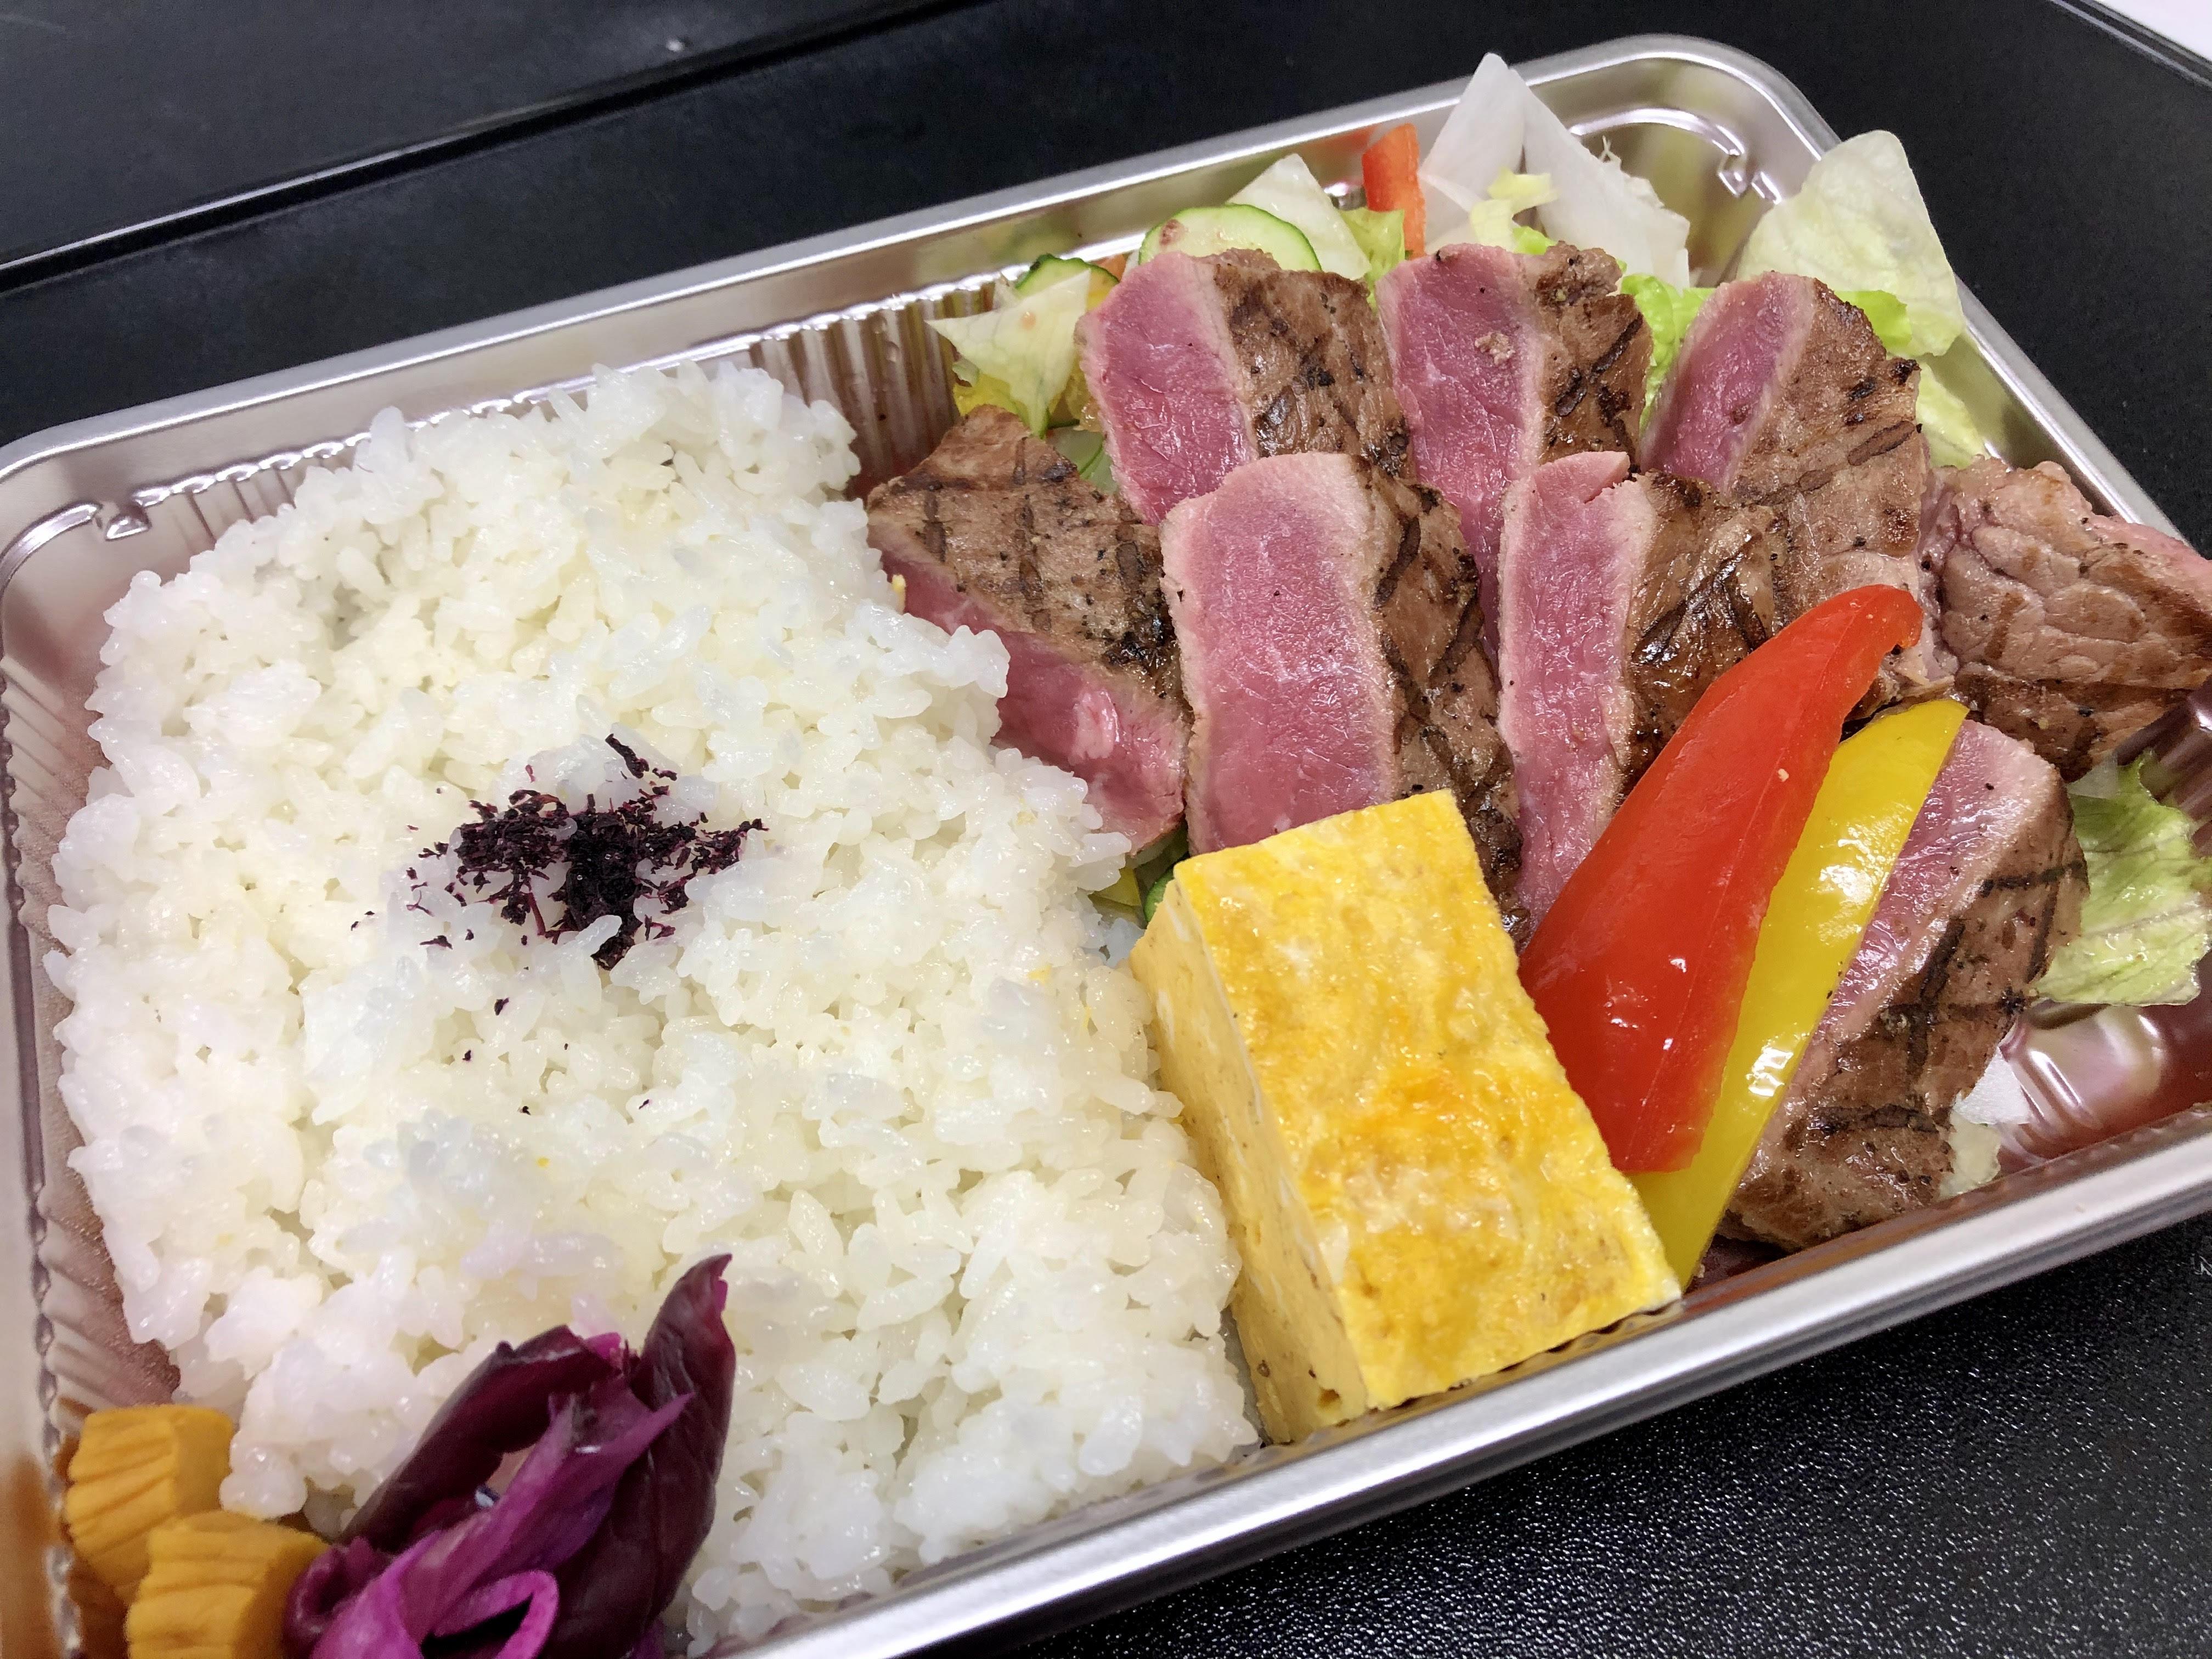 焙燒牛排盒飯圖片